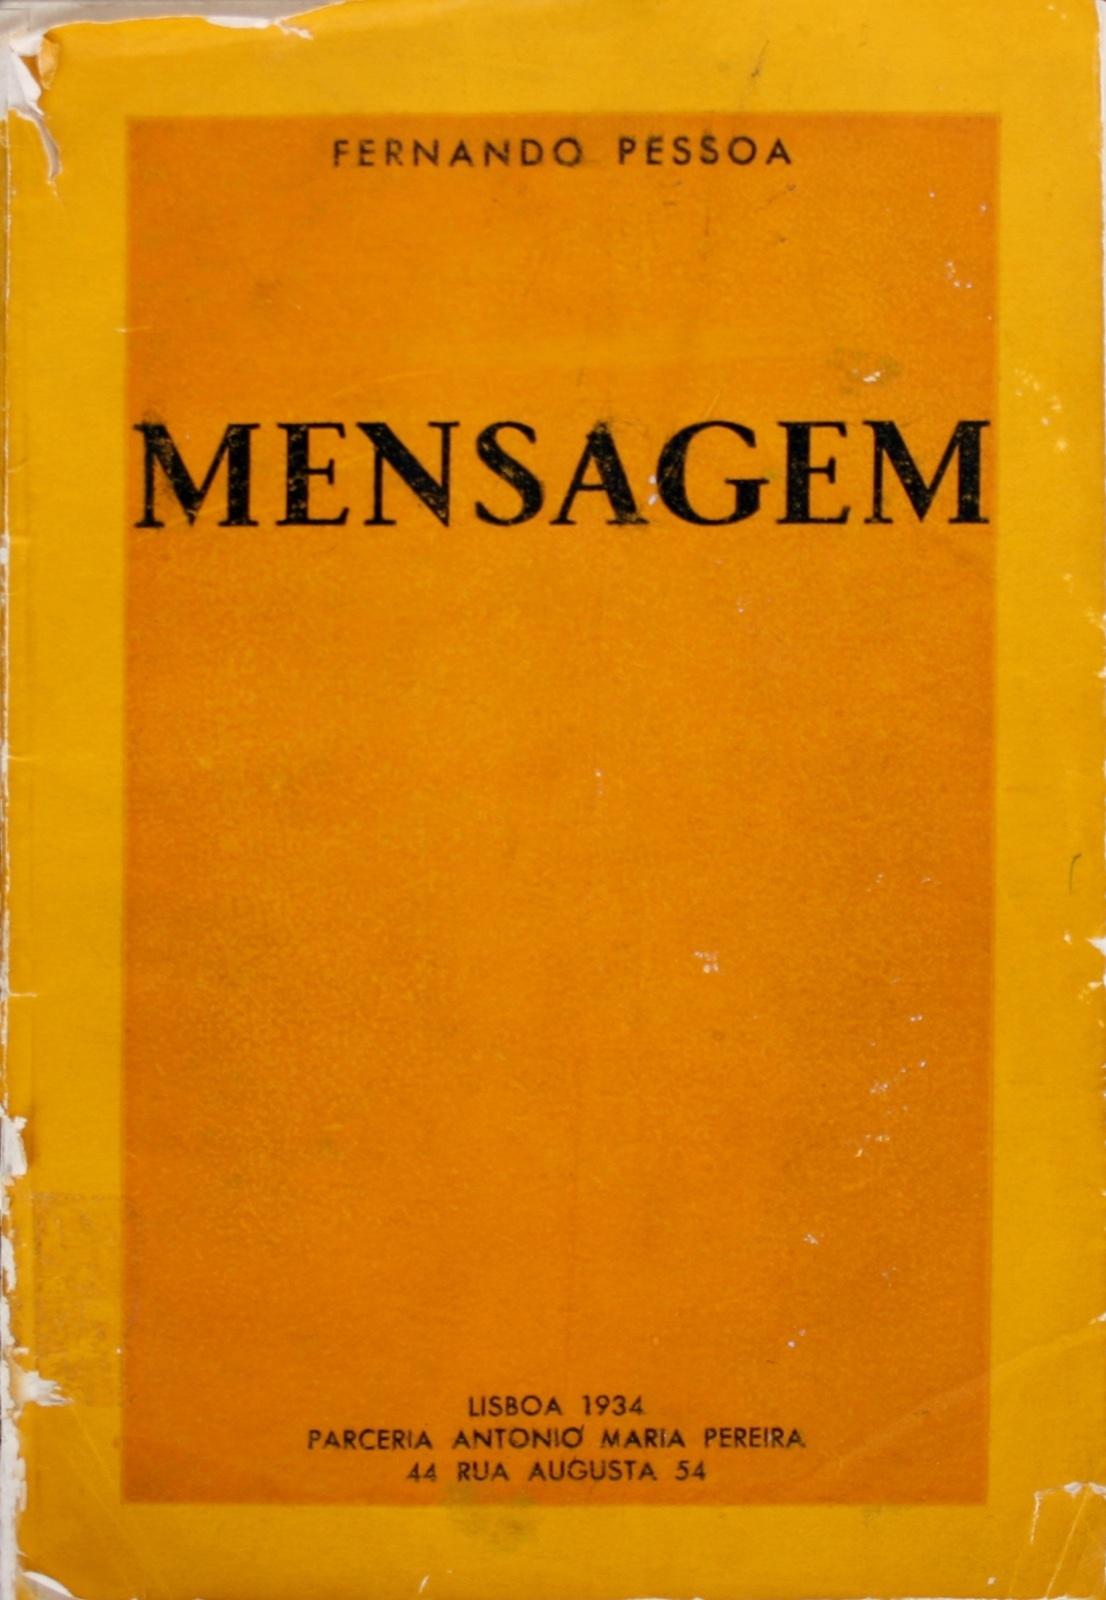 cfp_capa_mensagem.png